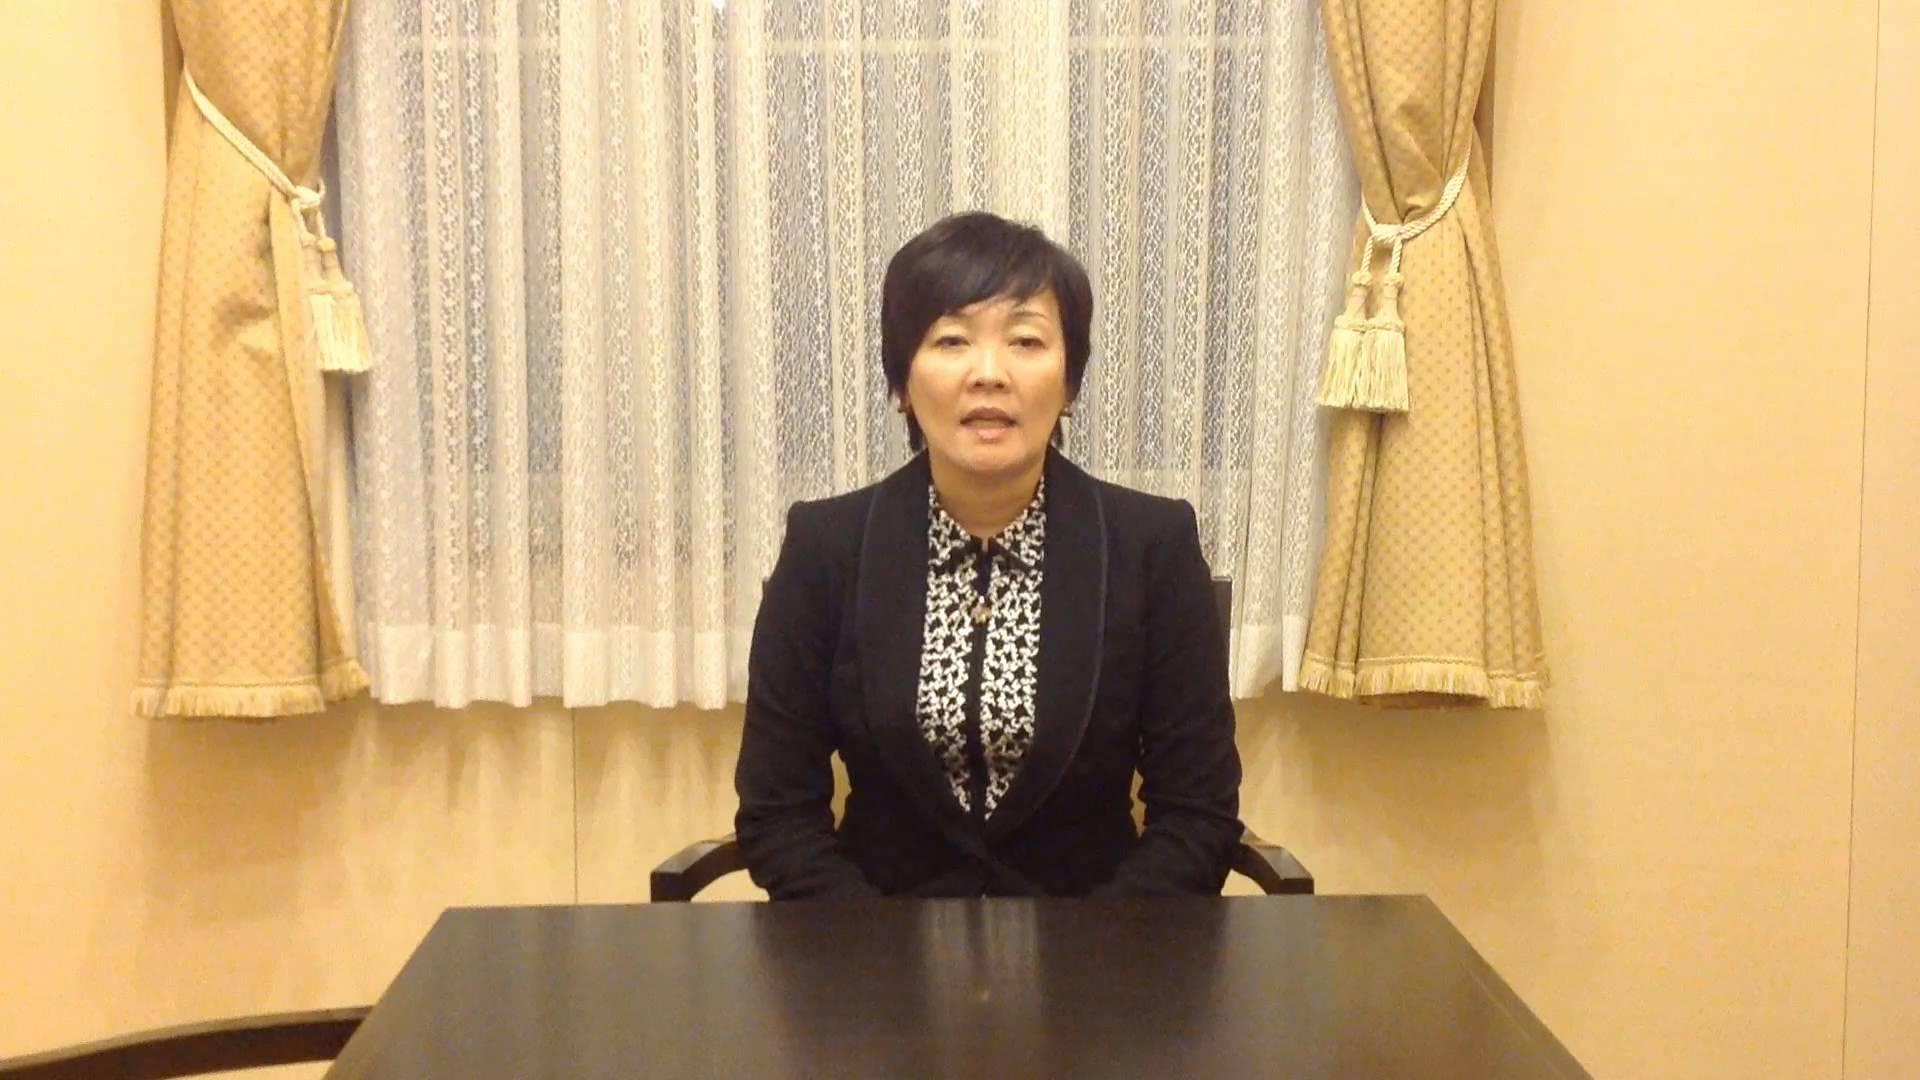 【驚き】もったいない学会&第38回縮小社会研究会「昭恵さんに頼んだら、翌日には安倍首相から話があり、アッという間に8千万の予算がついた」